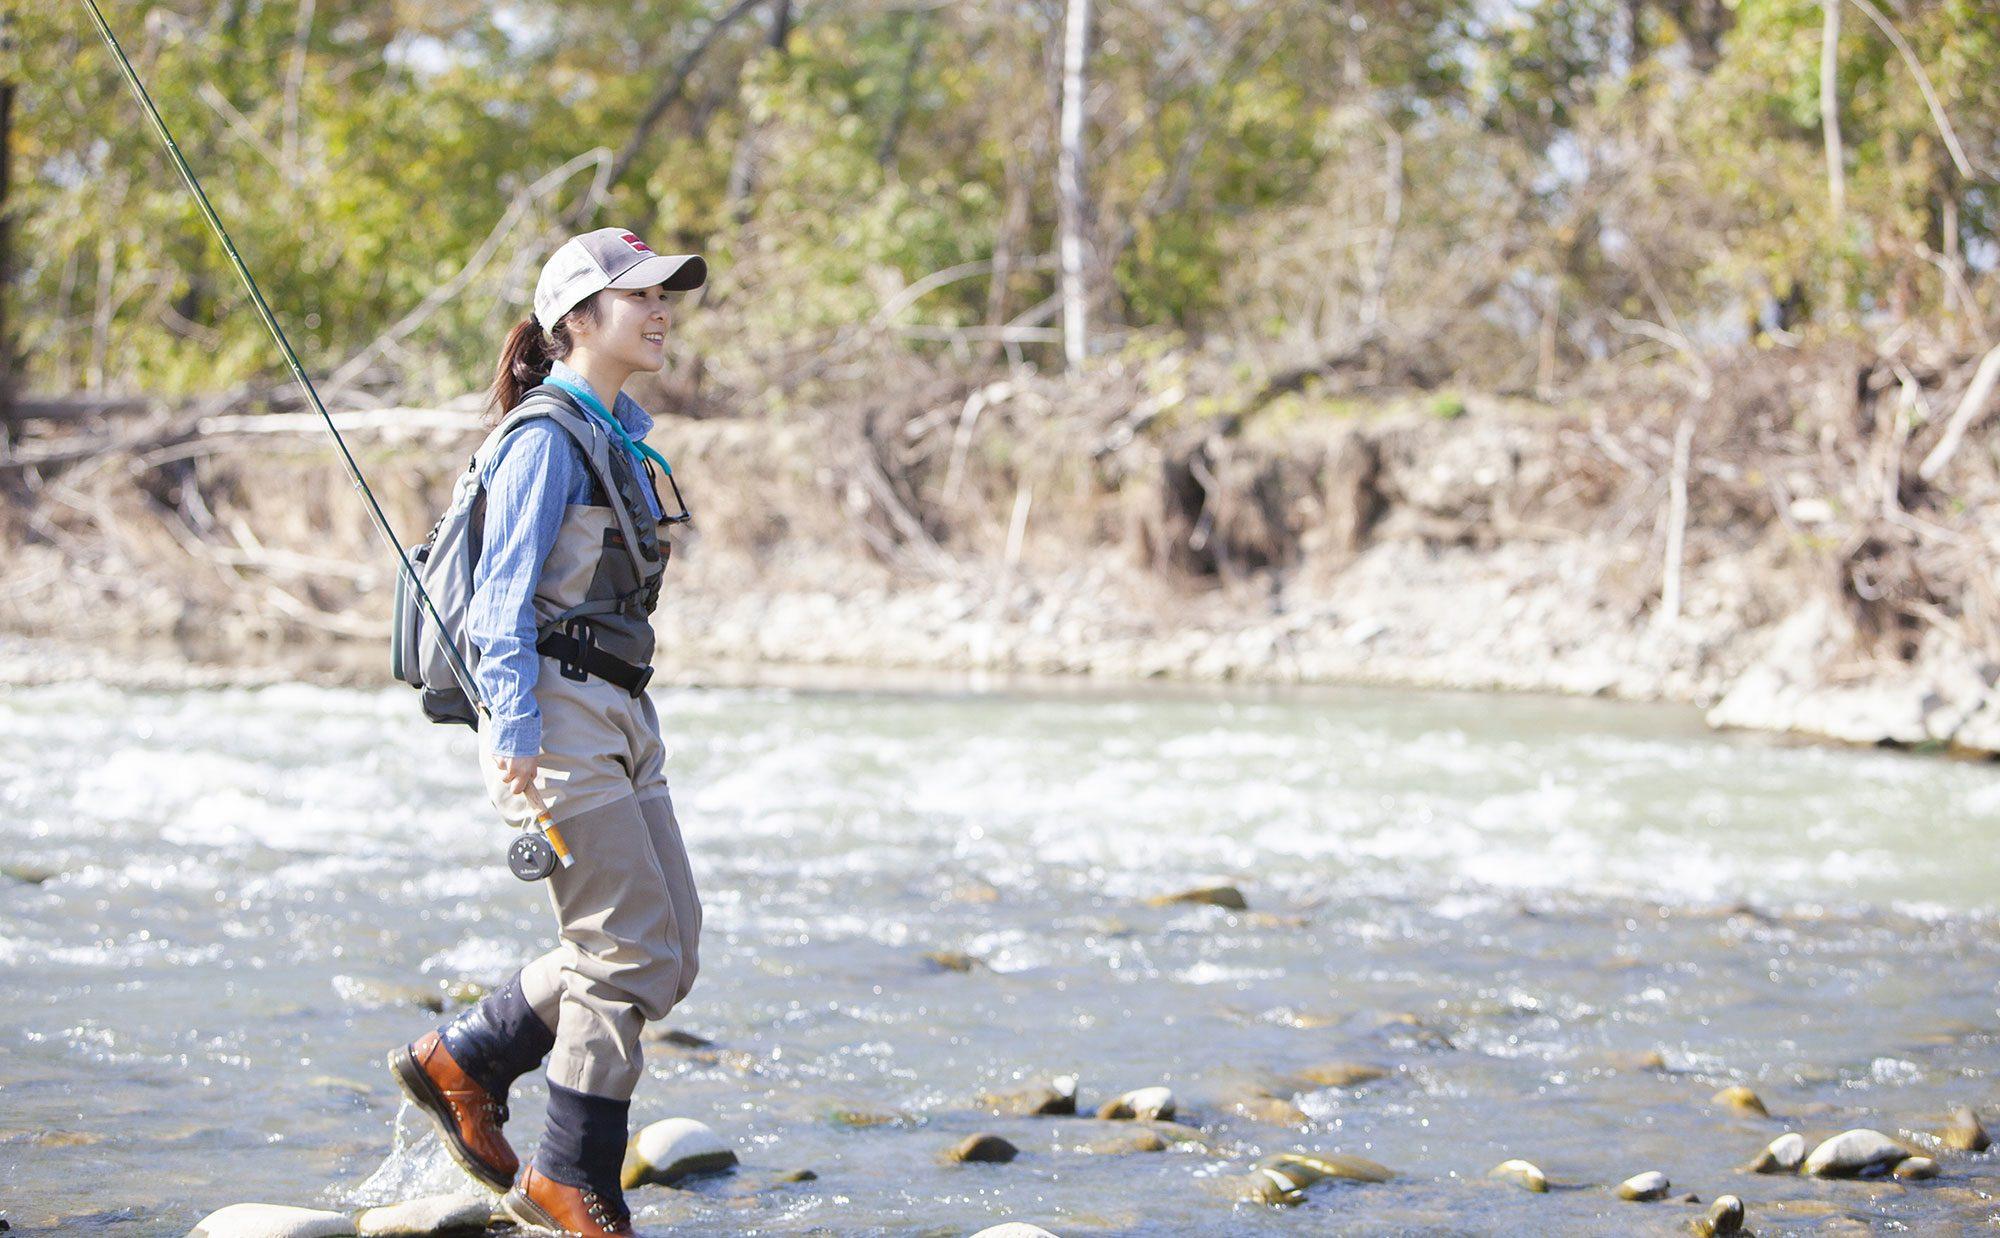 ルアー 渓流 釣り